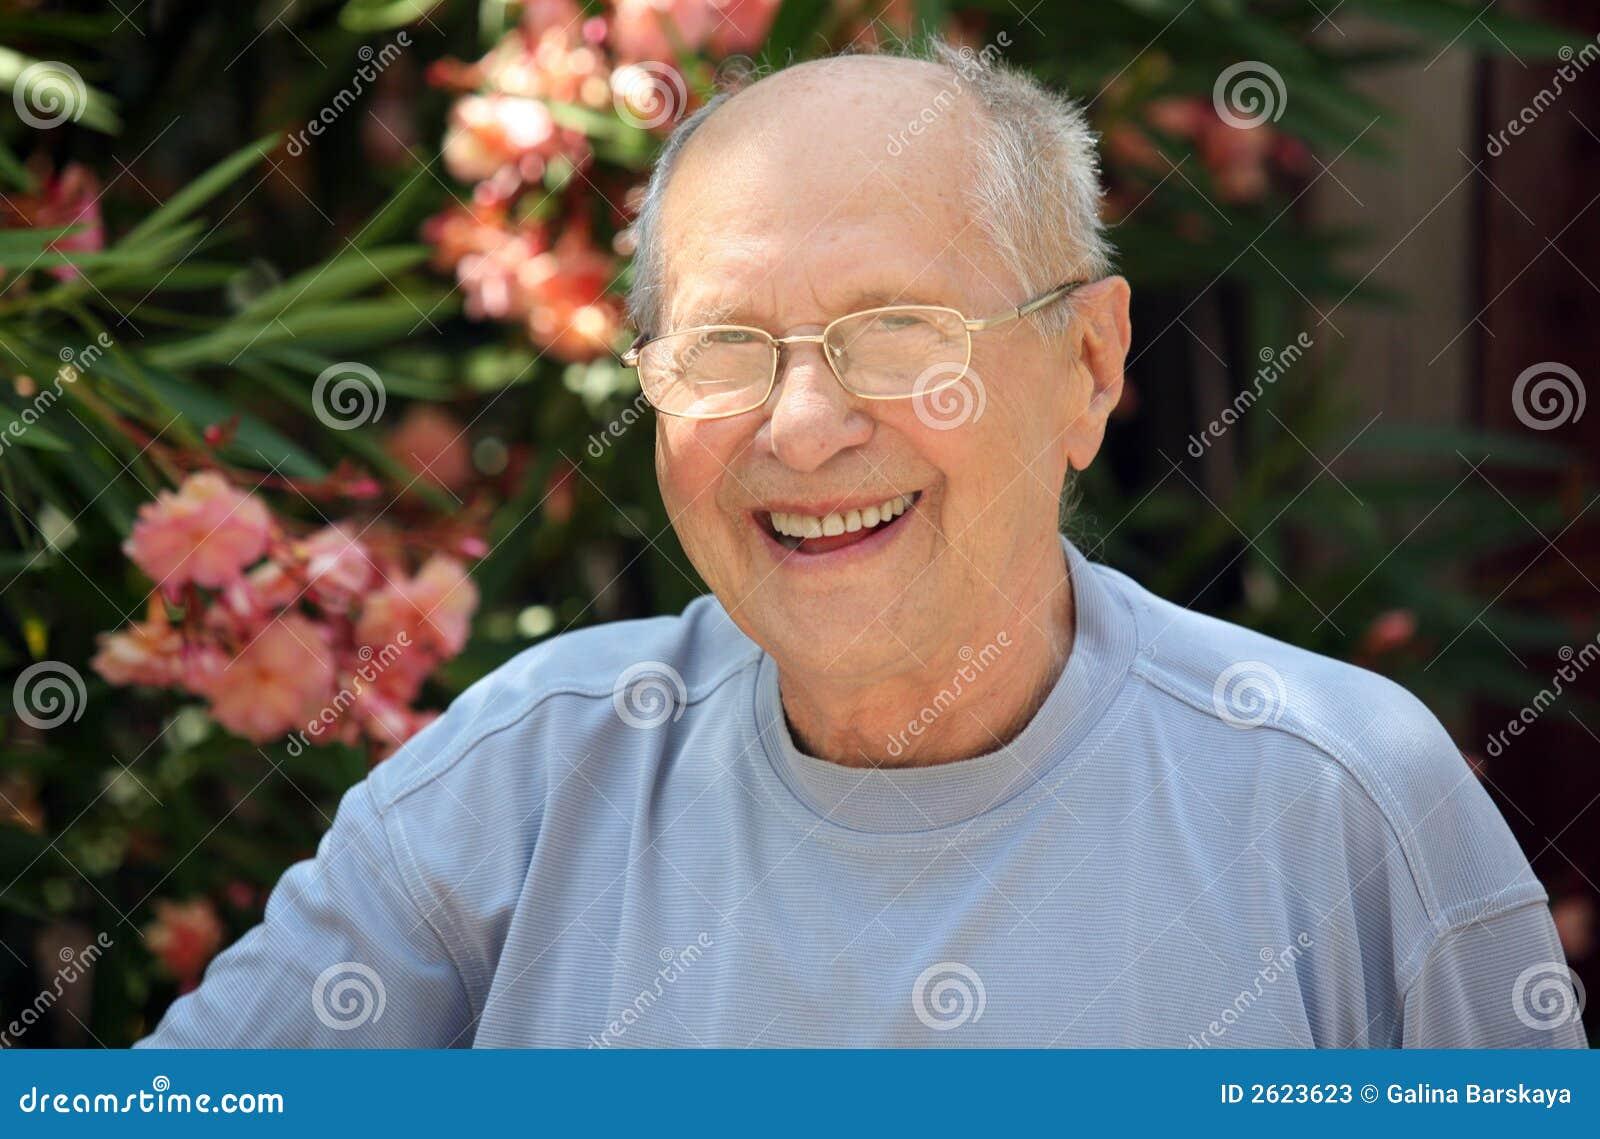 Człowiek stara się śmieje